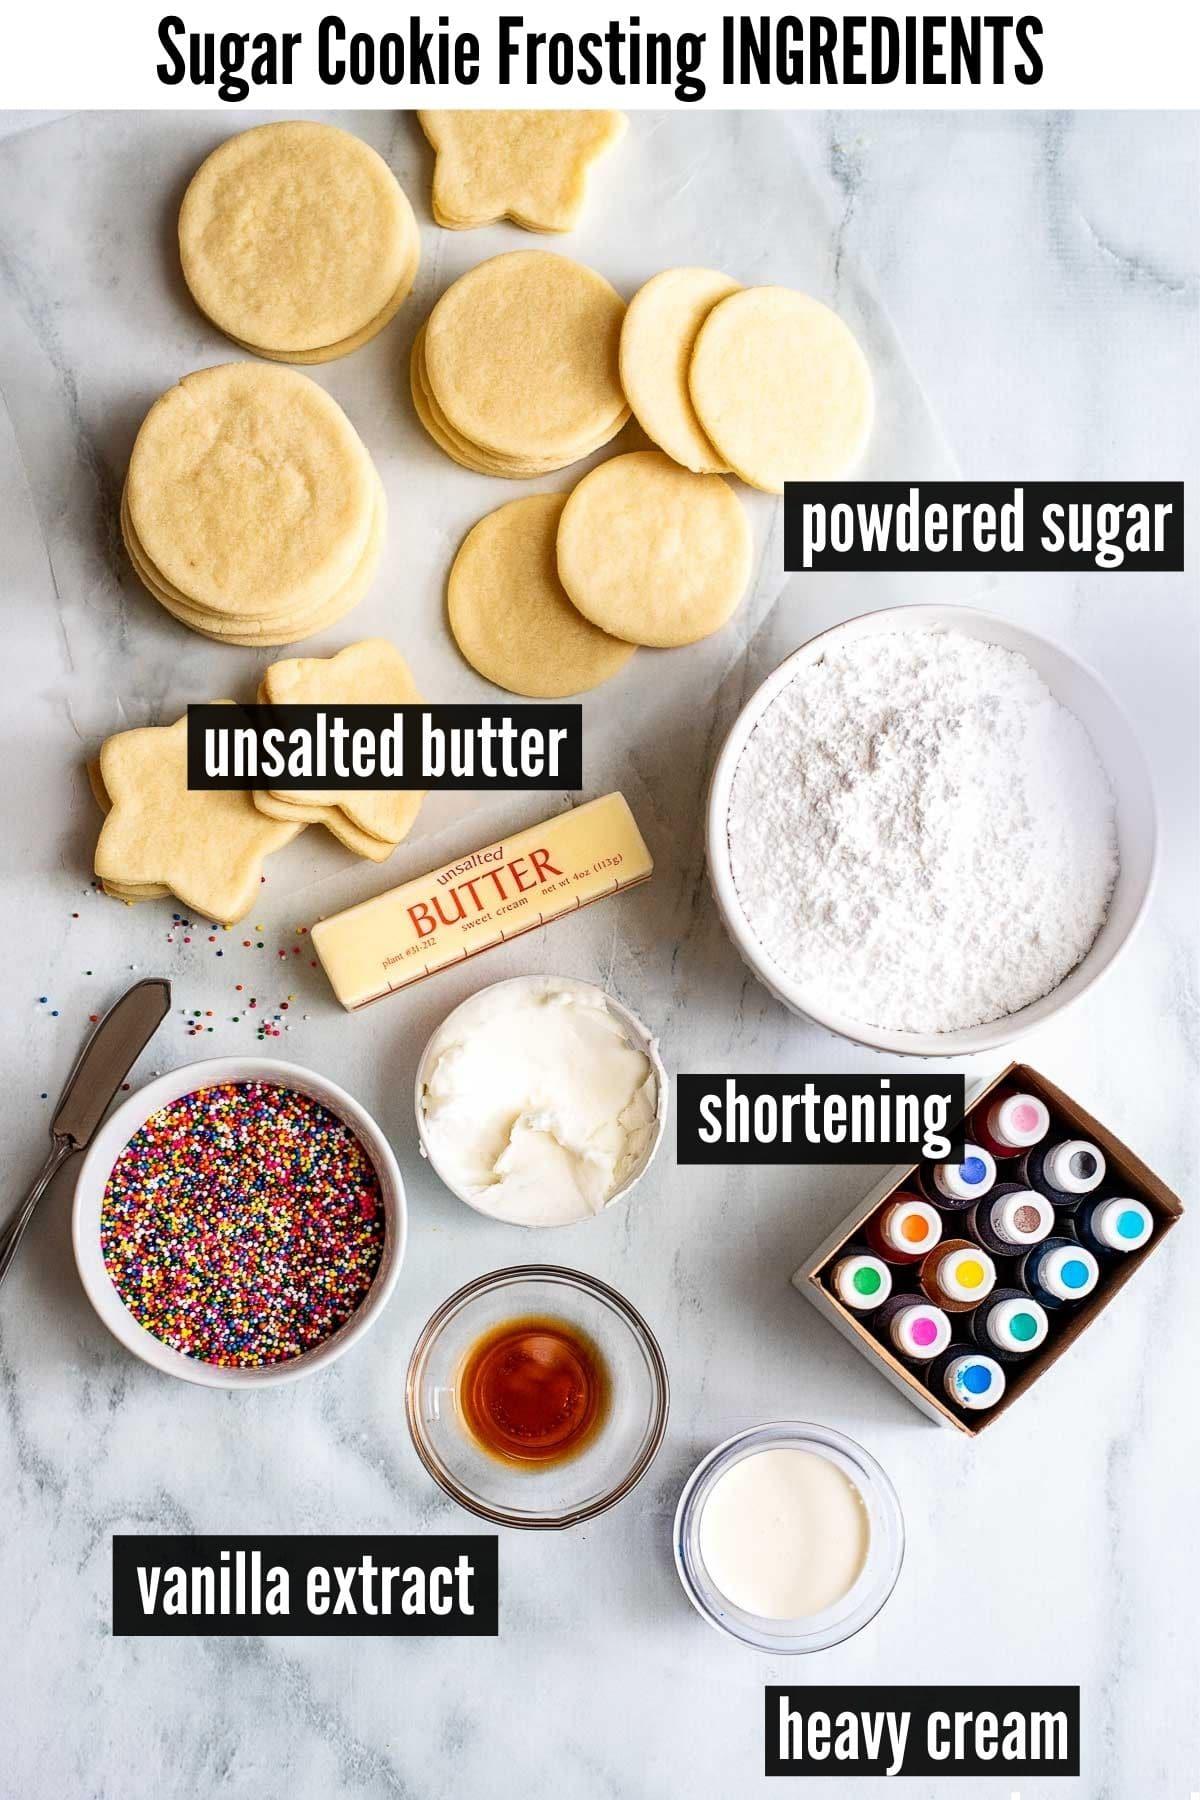 sugar cookie frosting ingredients